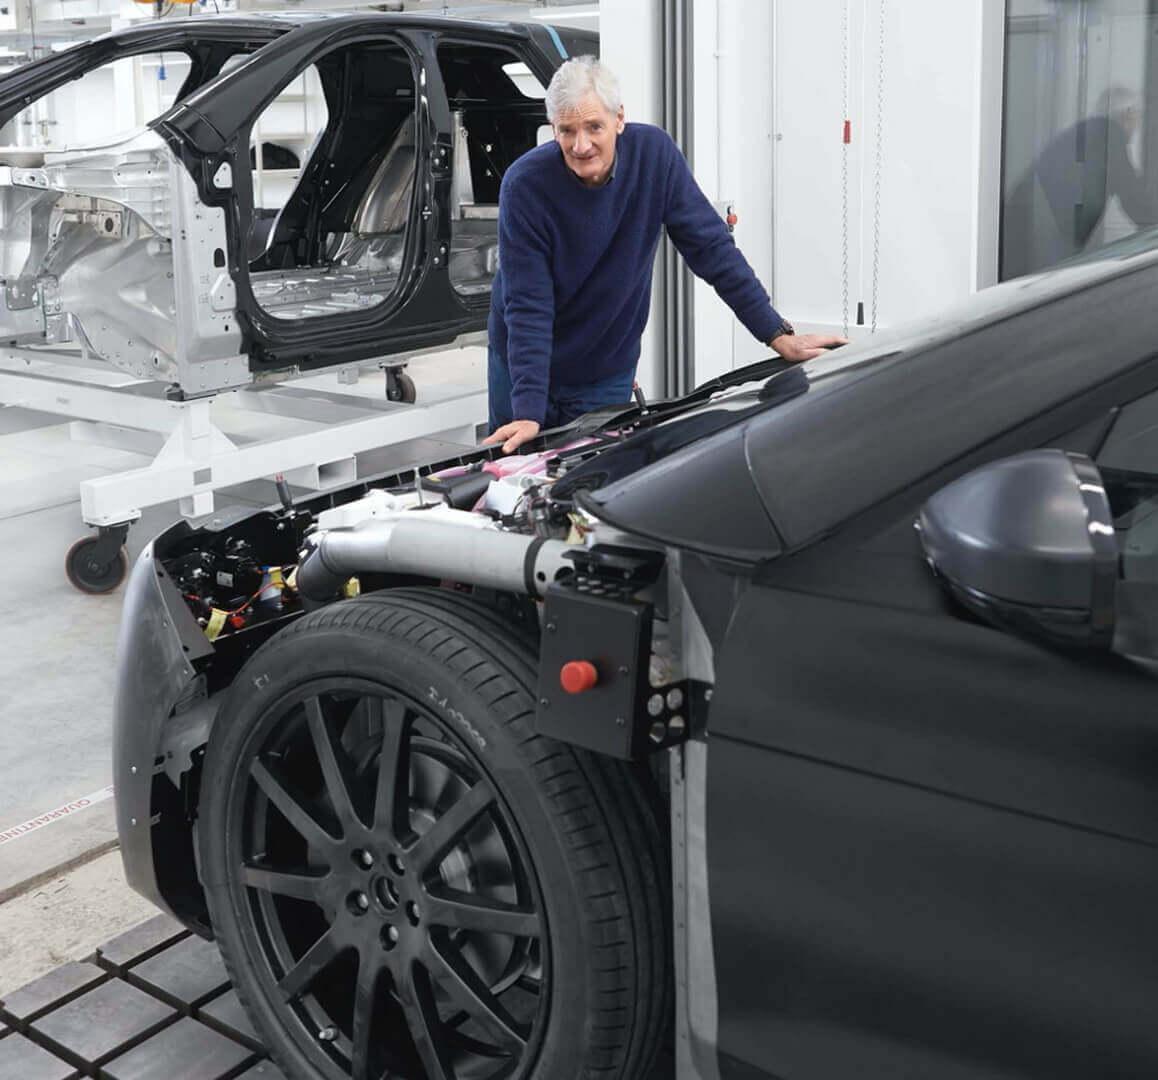 Джеймс Дайсон рядом с прототипом отмененного электромобиля